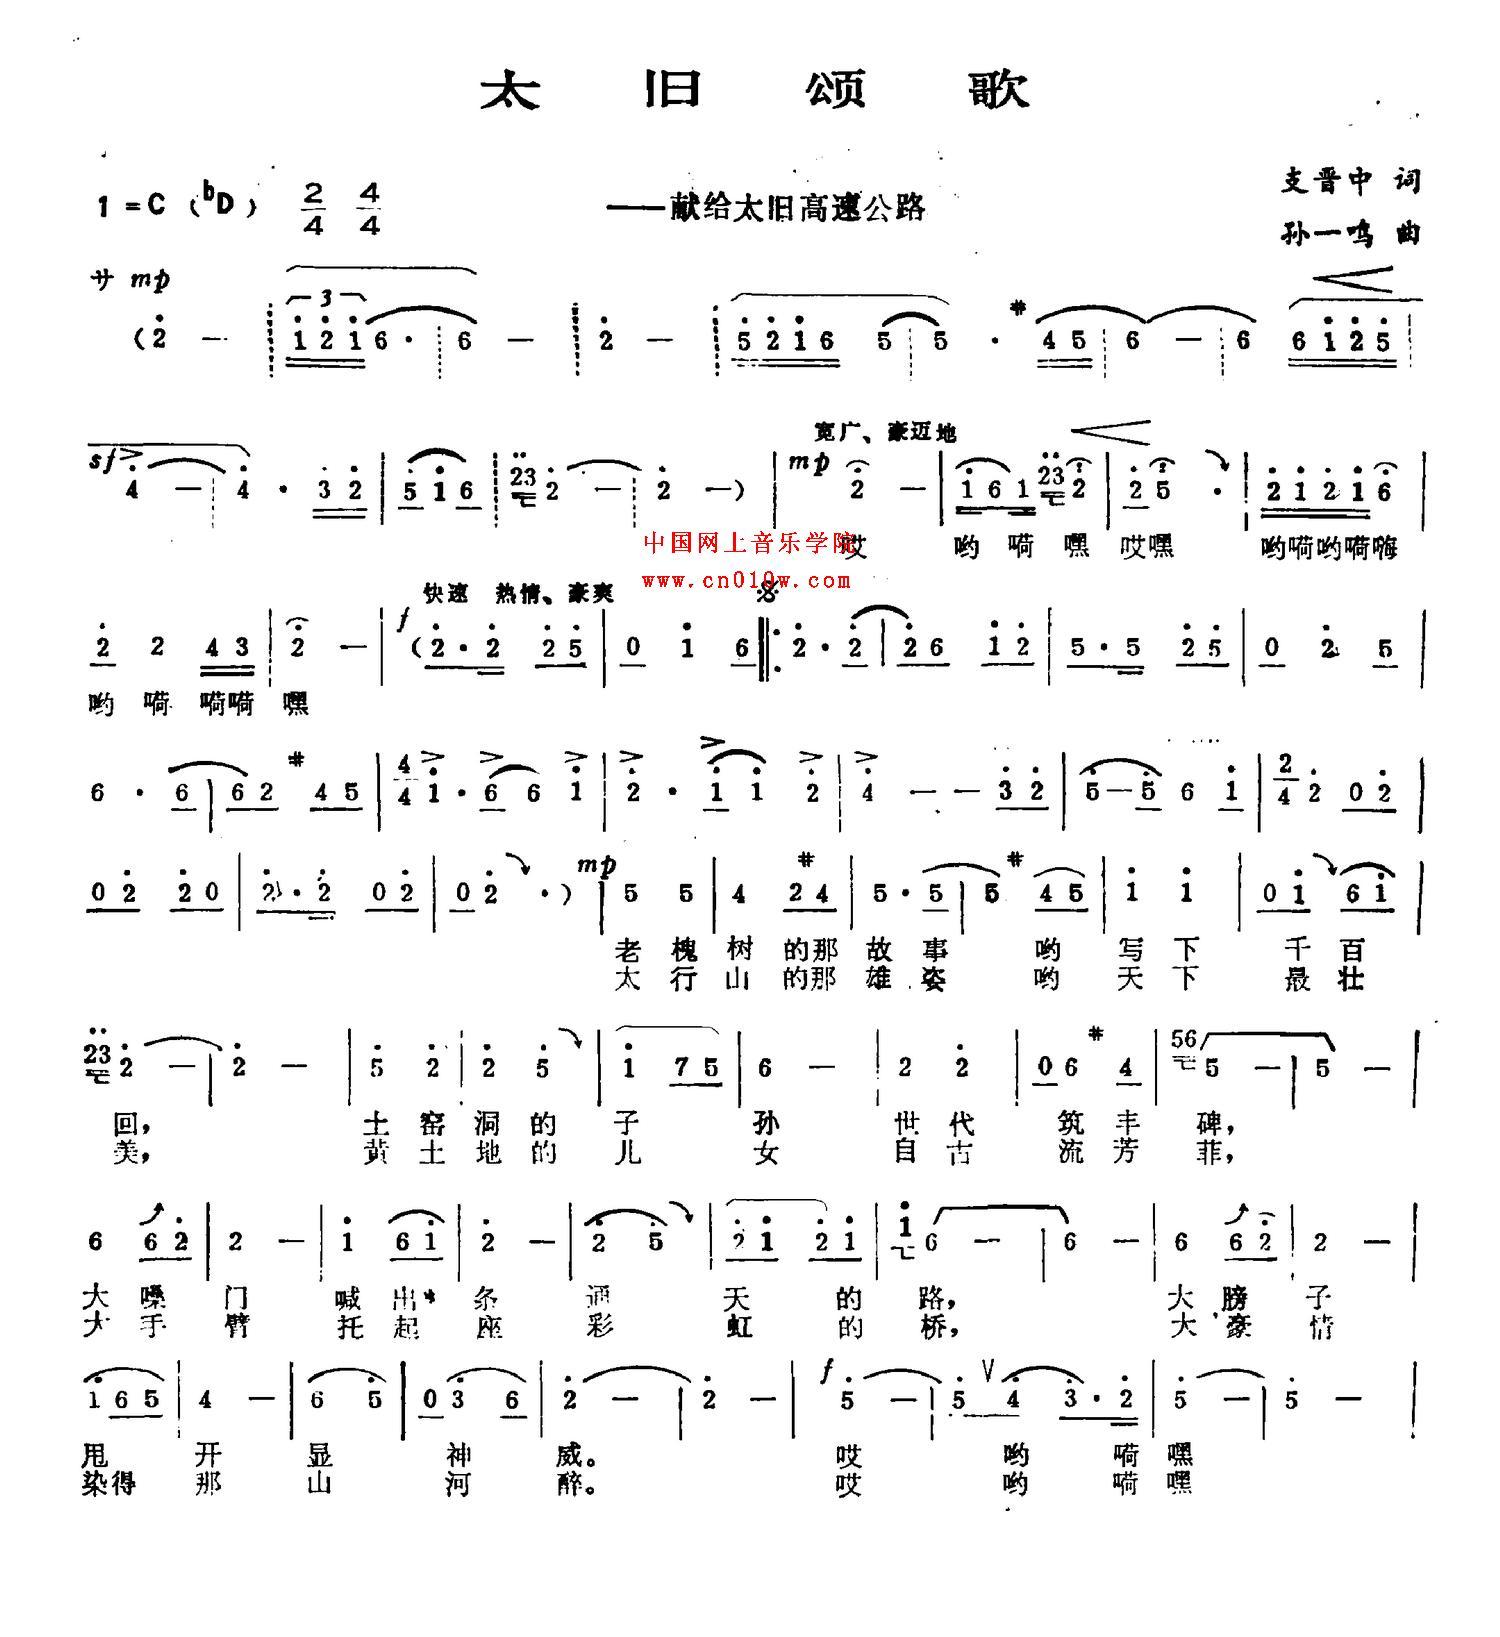 莆仙戏古太榄曲谱